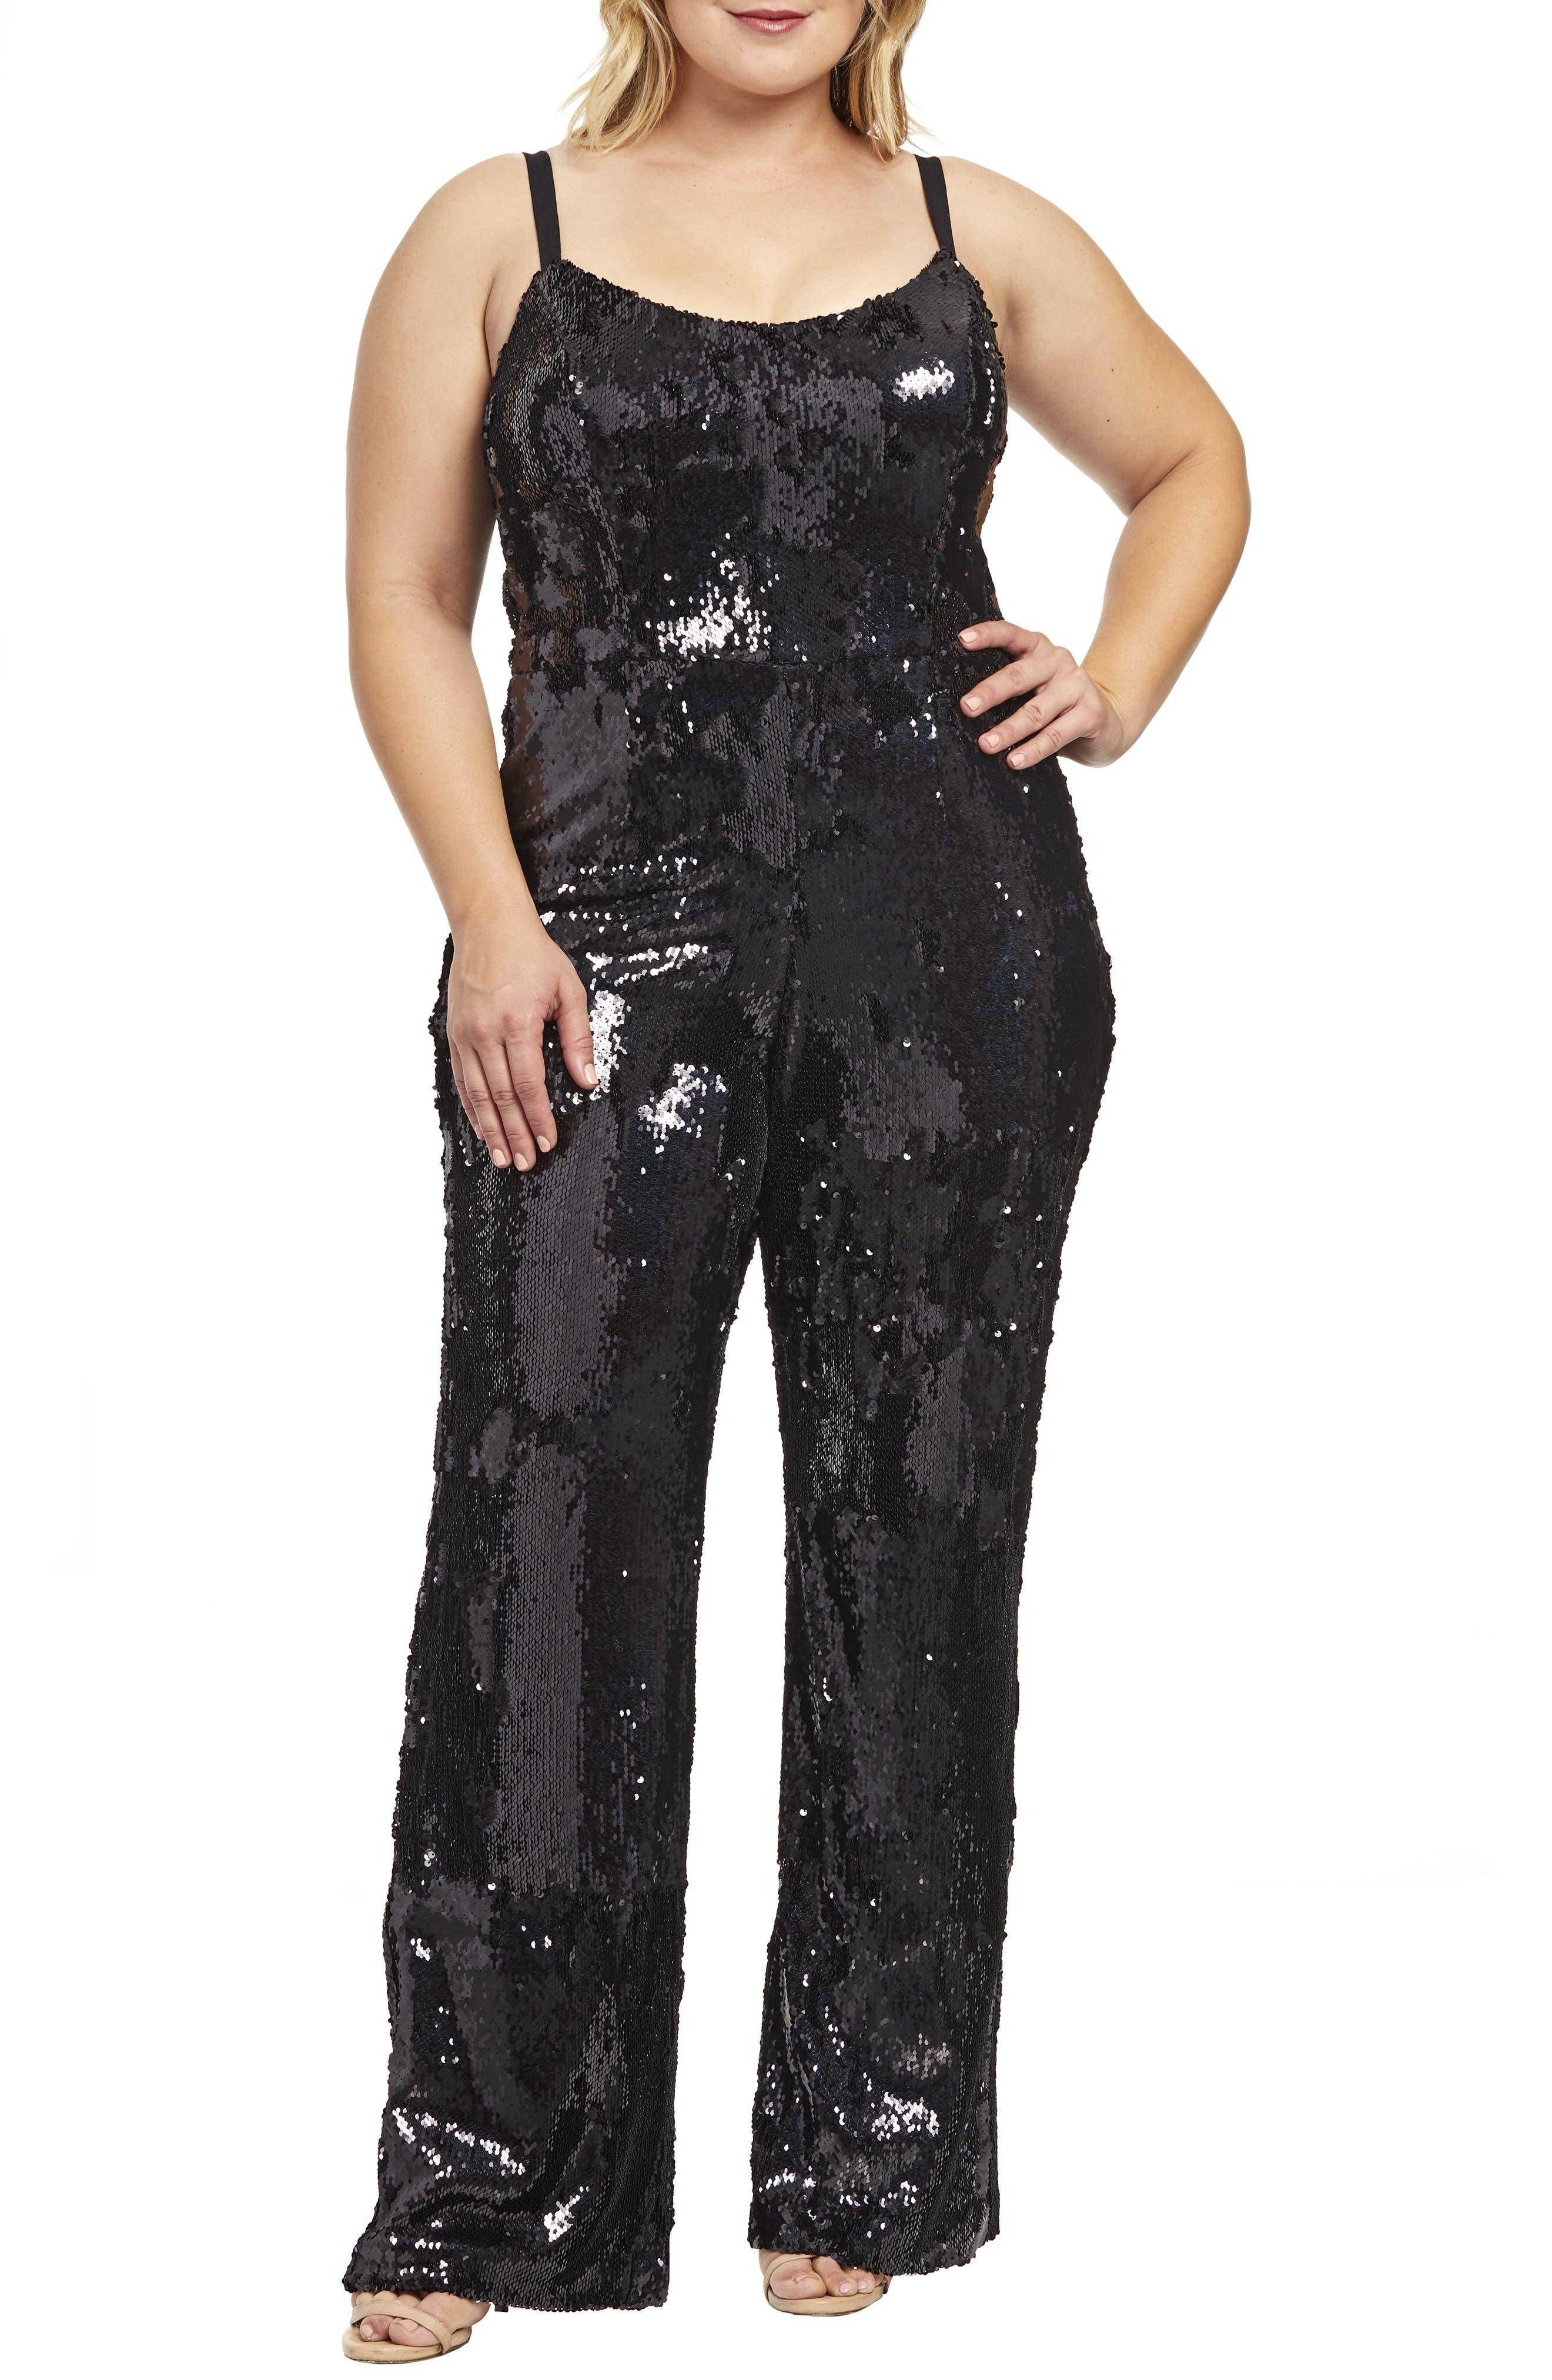 60s 70s Plus Size Dresses, Clothing, Costumes Plus Size Womens Dress The Population Victoria Sequin Jumpsuit Size 3X - Black $316.00 AT vintagedancer.com